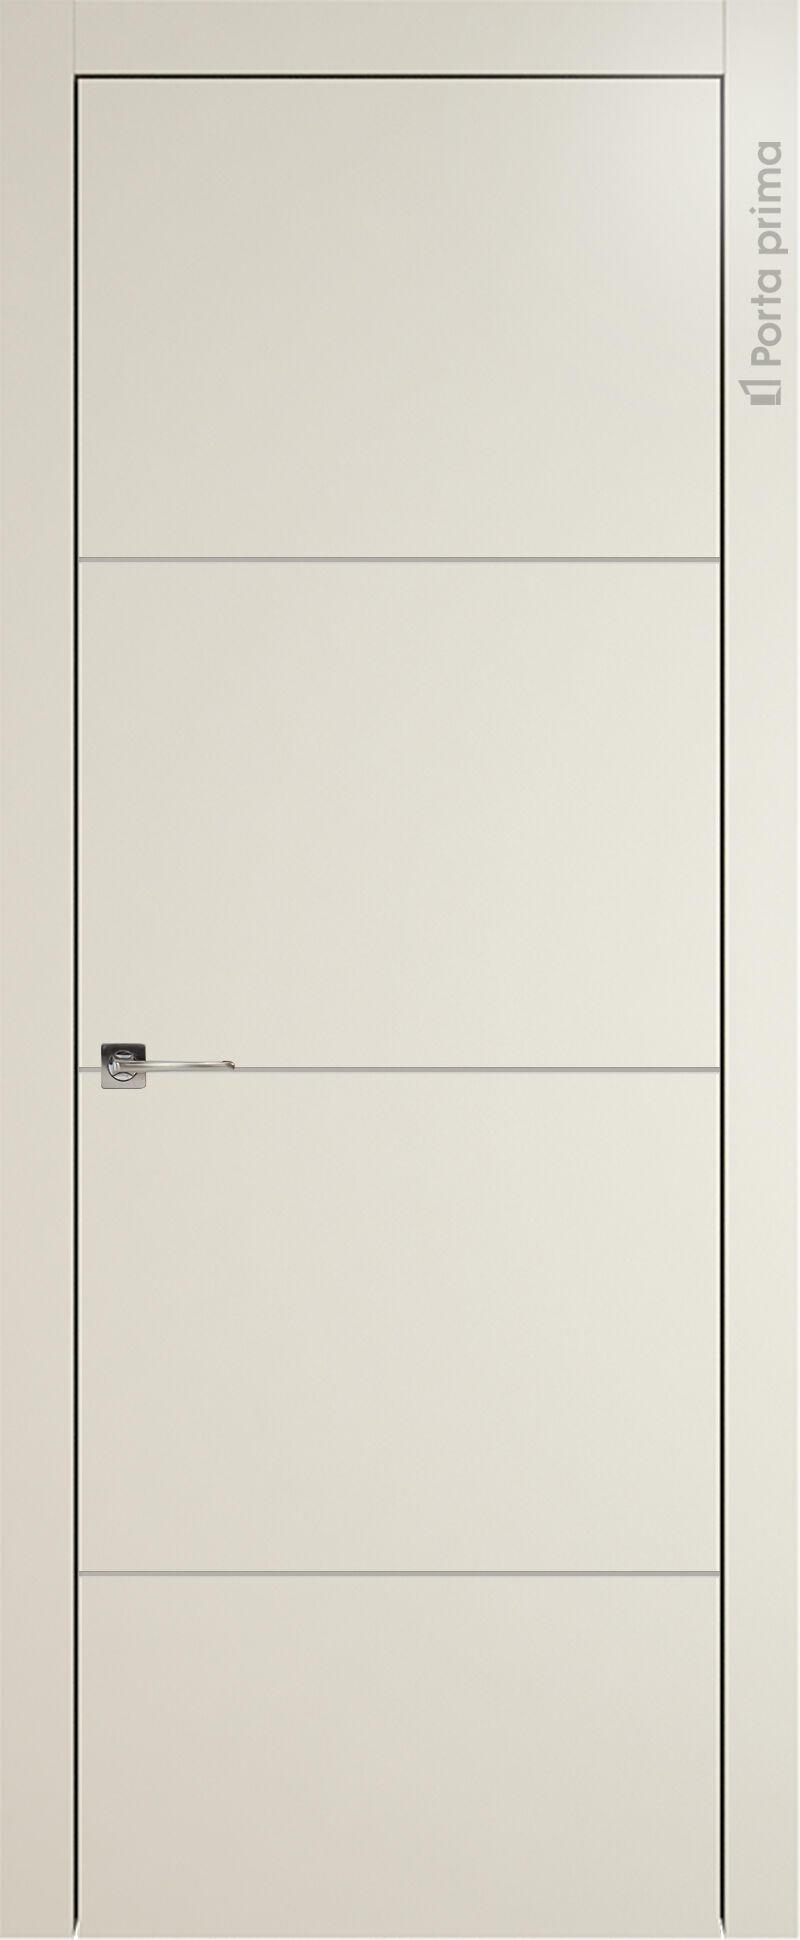 Tivoli Г-2 цвет - Жемчужная эмаль (RAL 1013) Без стекла (ДГ)